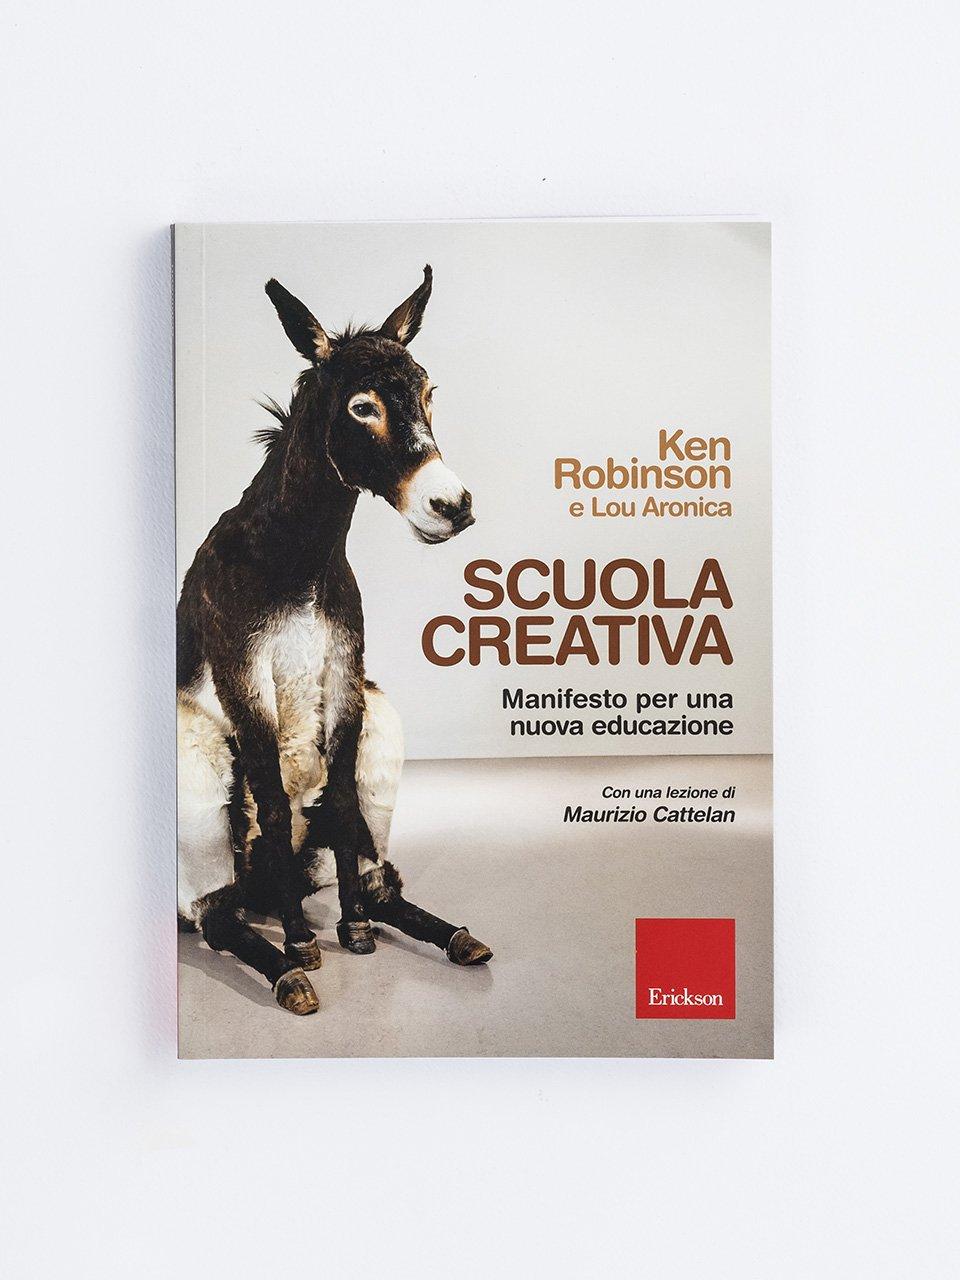 Scuola creativa - Libri - Erickson